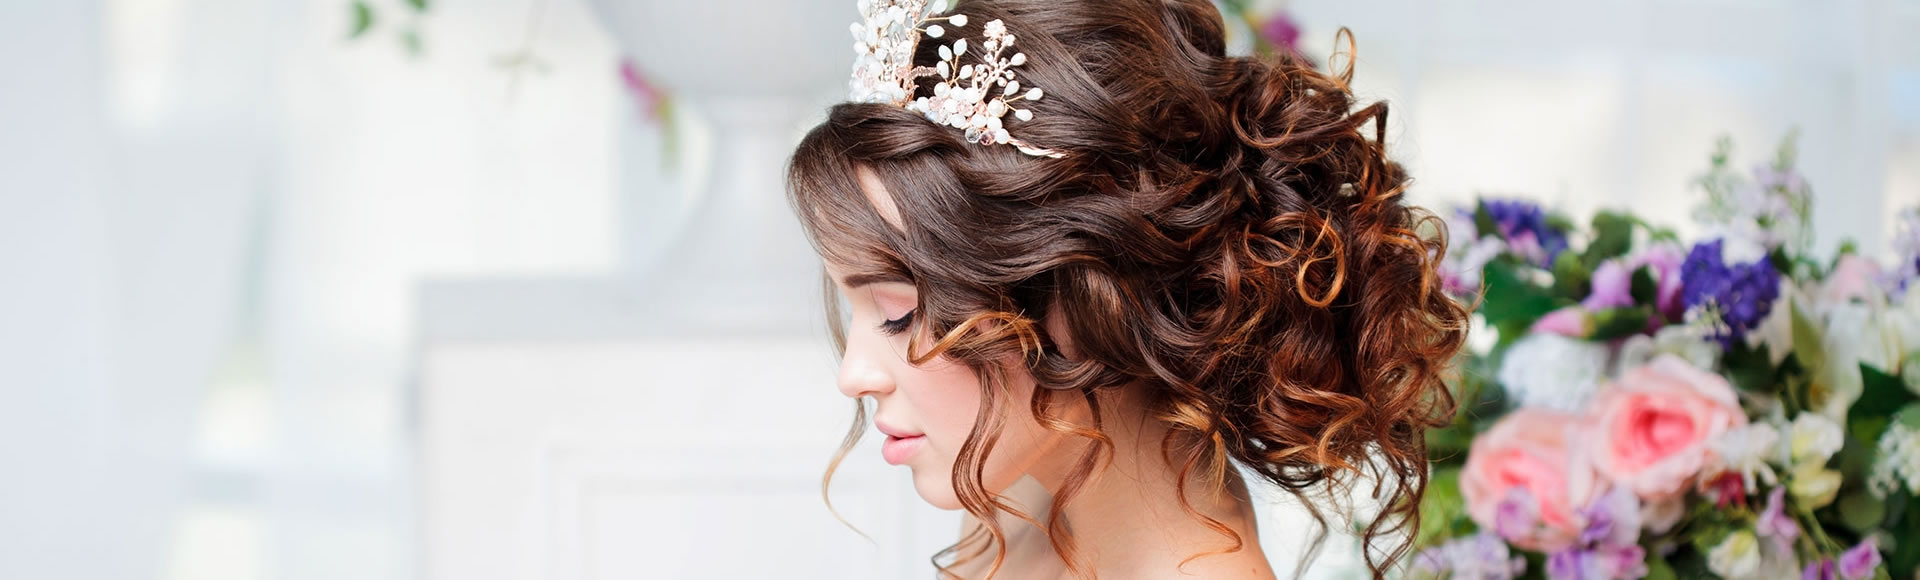 Düğün için Gelin Tacı Modeli Nasıl Seçilir?